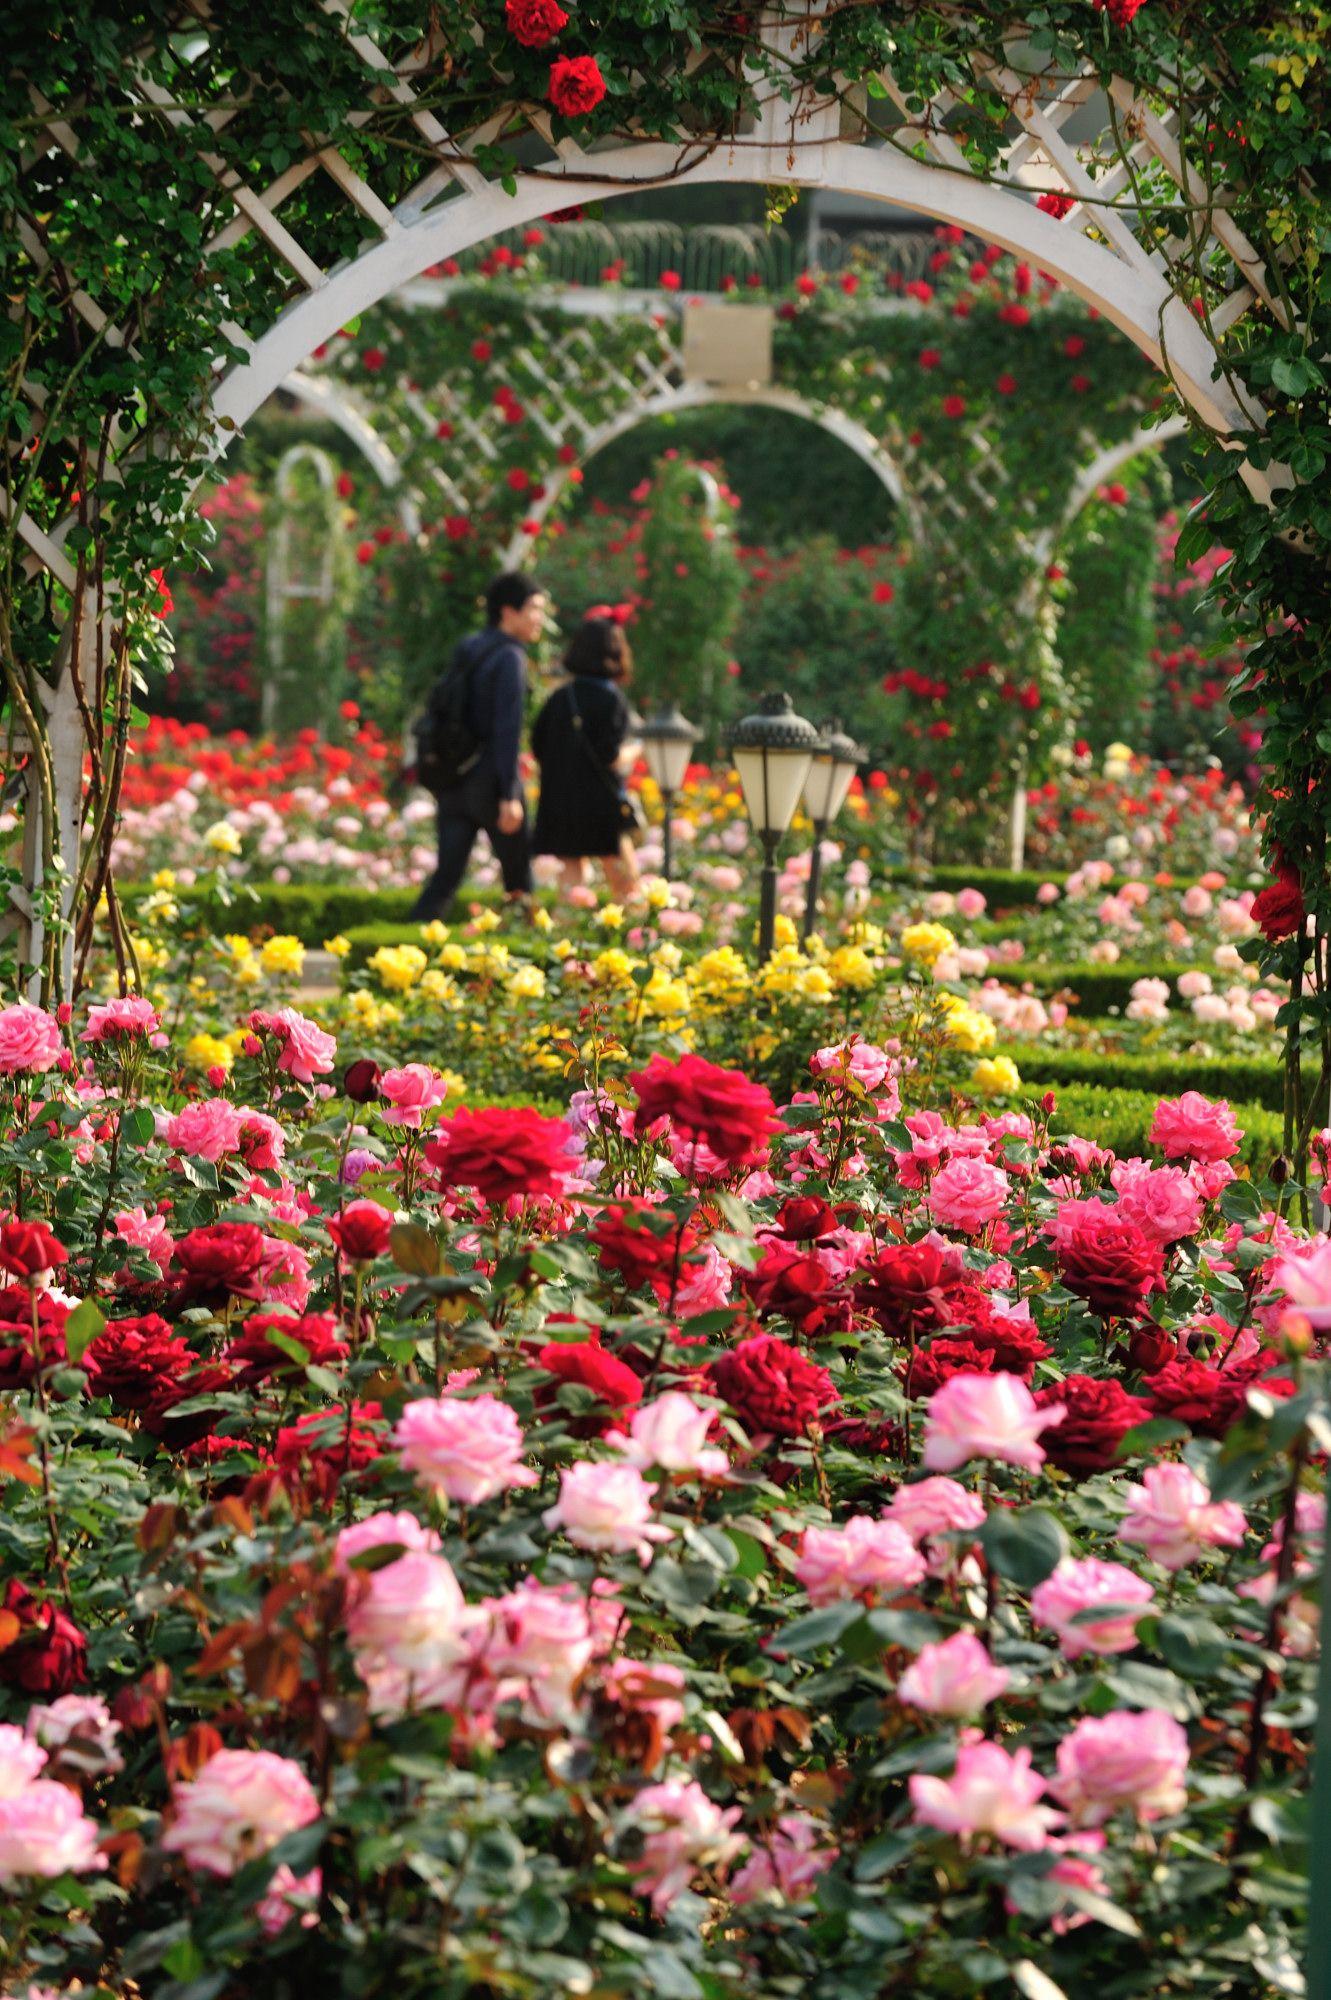 에버랜드 장미원 (Rose garden in Everland) Garden history